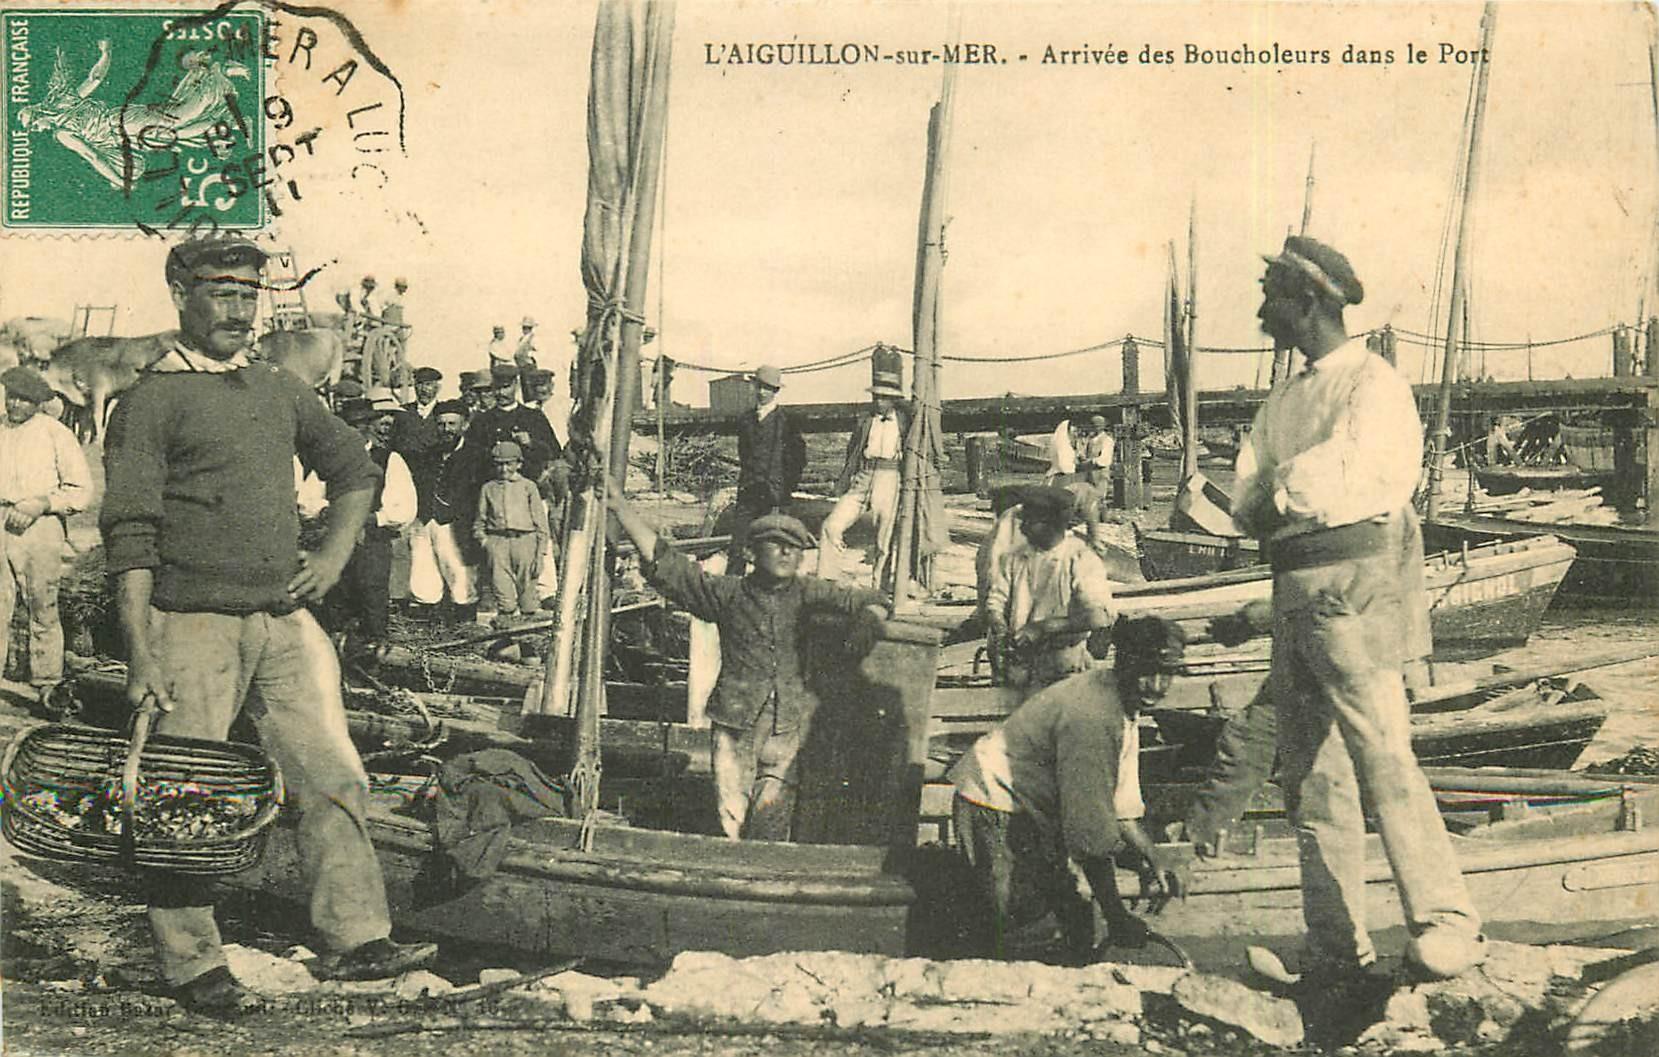 85 L'AIGUILLON-SUR-MER. Arrivée des Boucholeurs dans le Port 1911